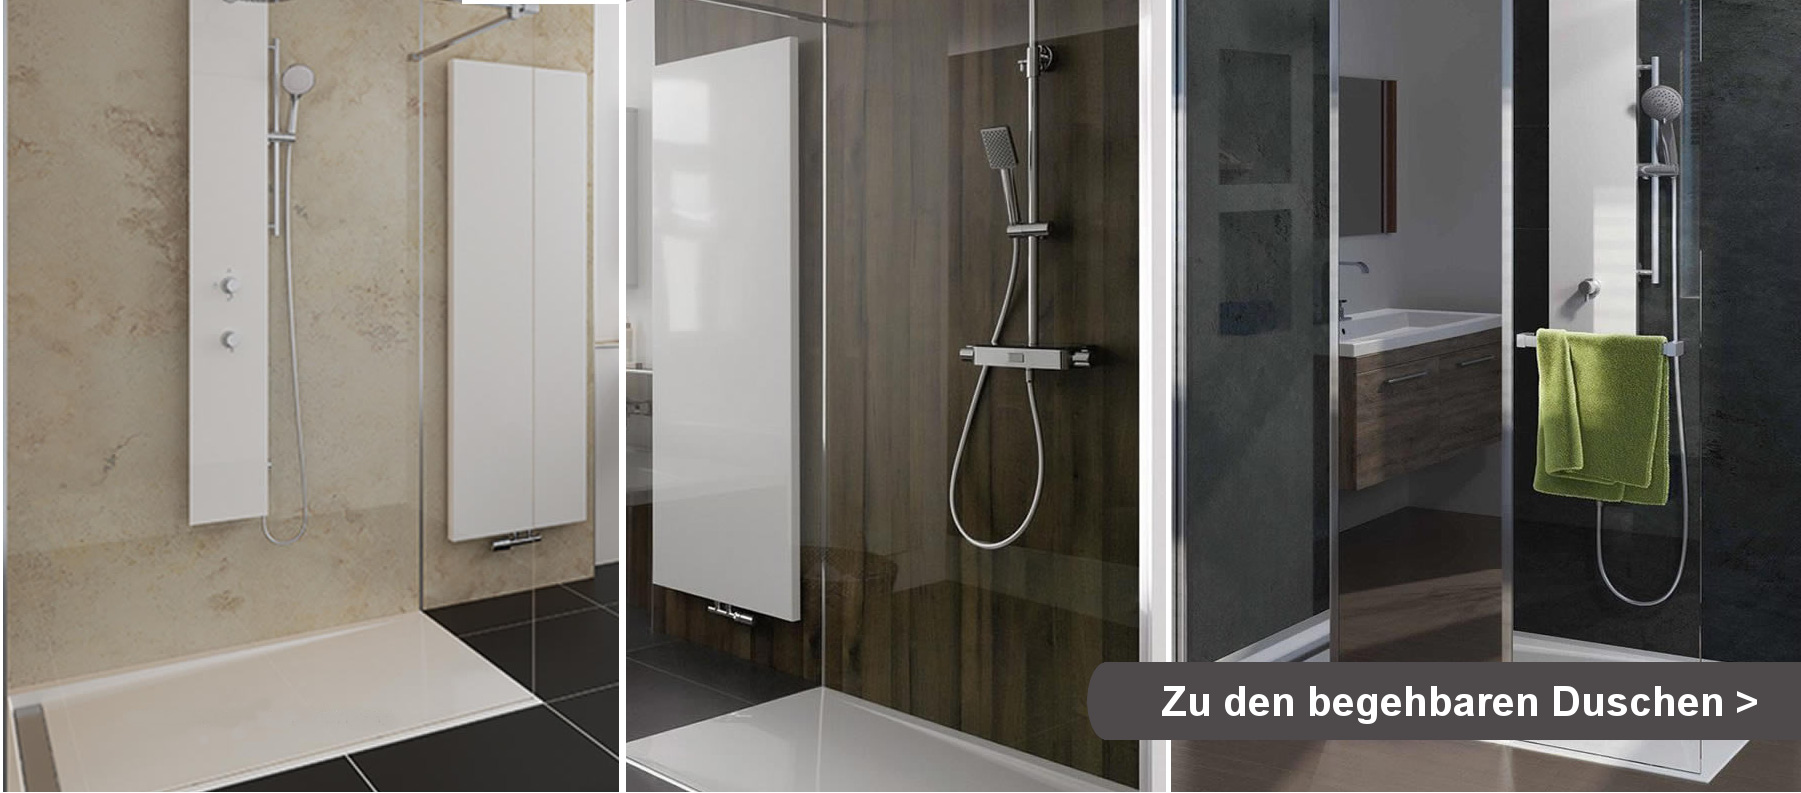 Full Size of Begehbare Dusche Duschen Design Und Funktionalitt Vereint Hsk Einhebelmischer Glastrennwand Hüppe Wand Ebenerdige Fliesen Glastür Thermostat Badewanne Mit Dusche Begehbare Dusche